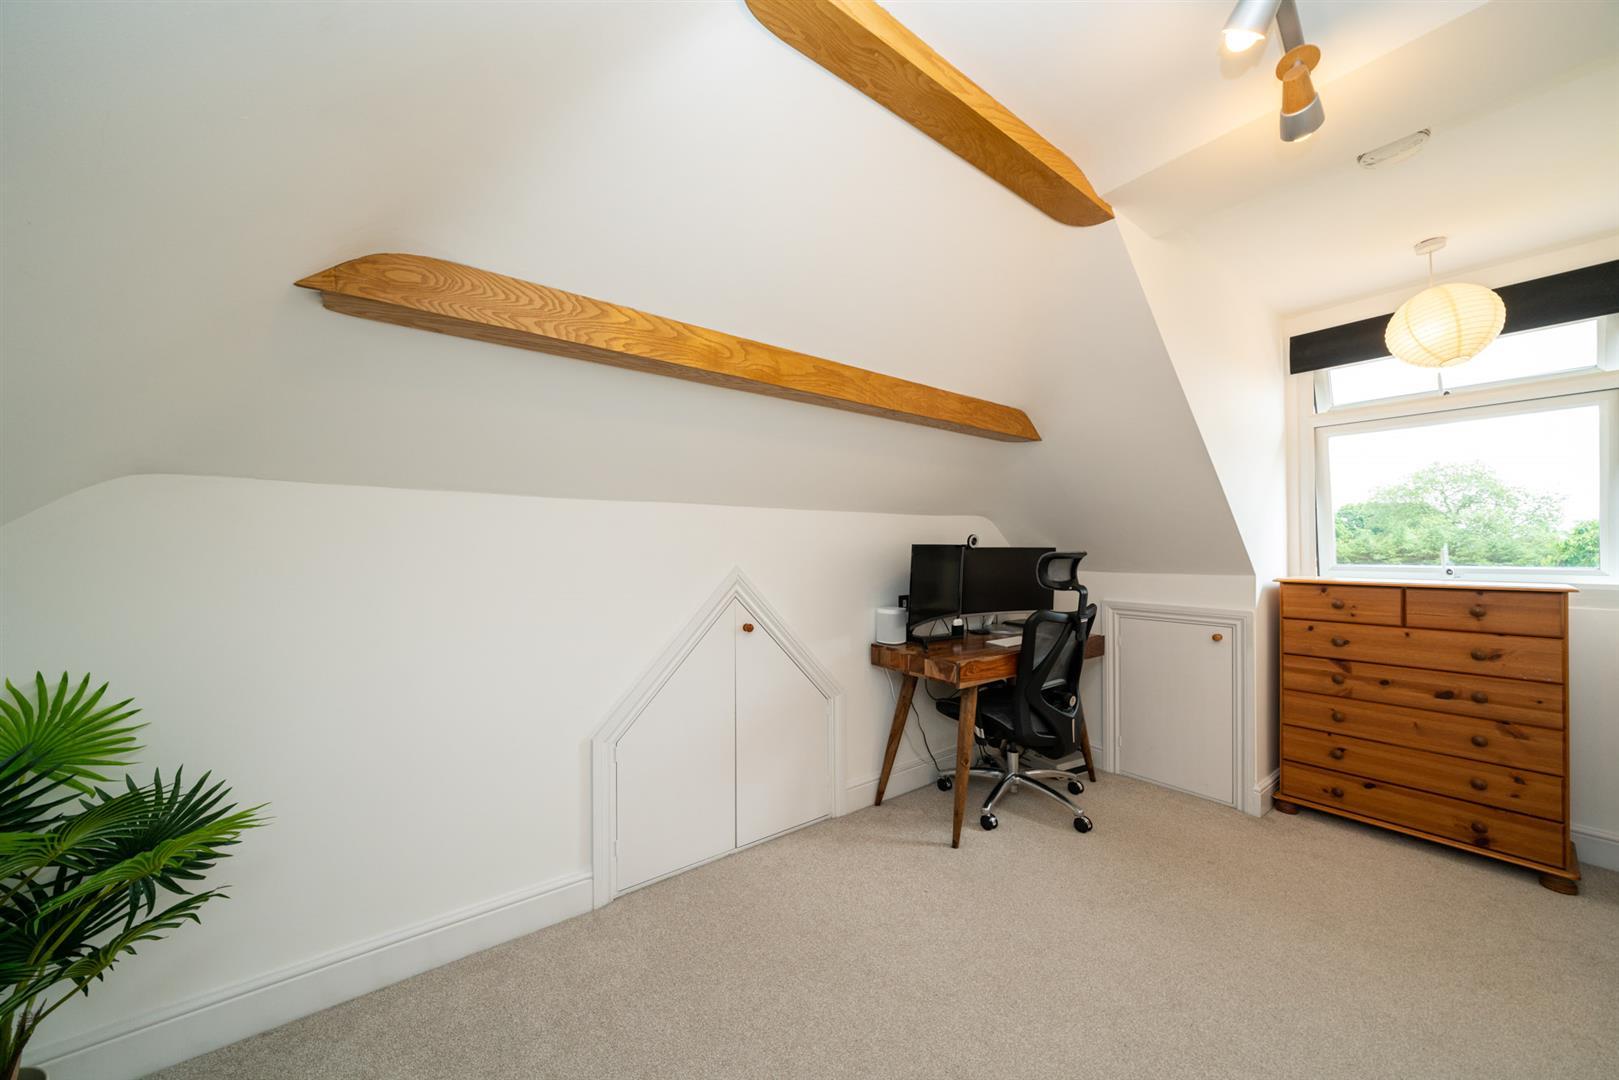 21-Swing-gate-lane-0675 - attic room.jpg